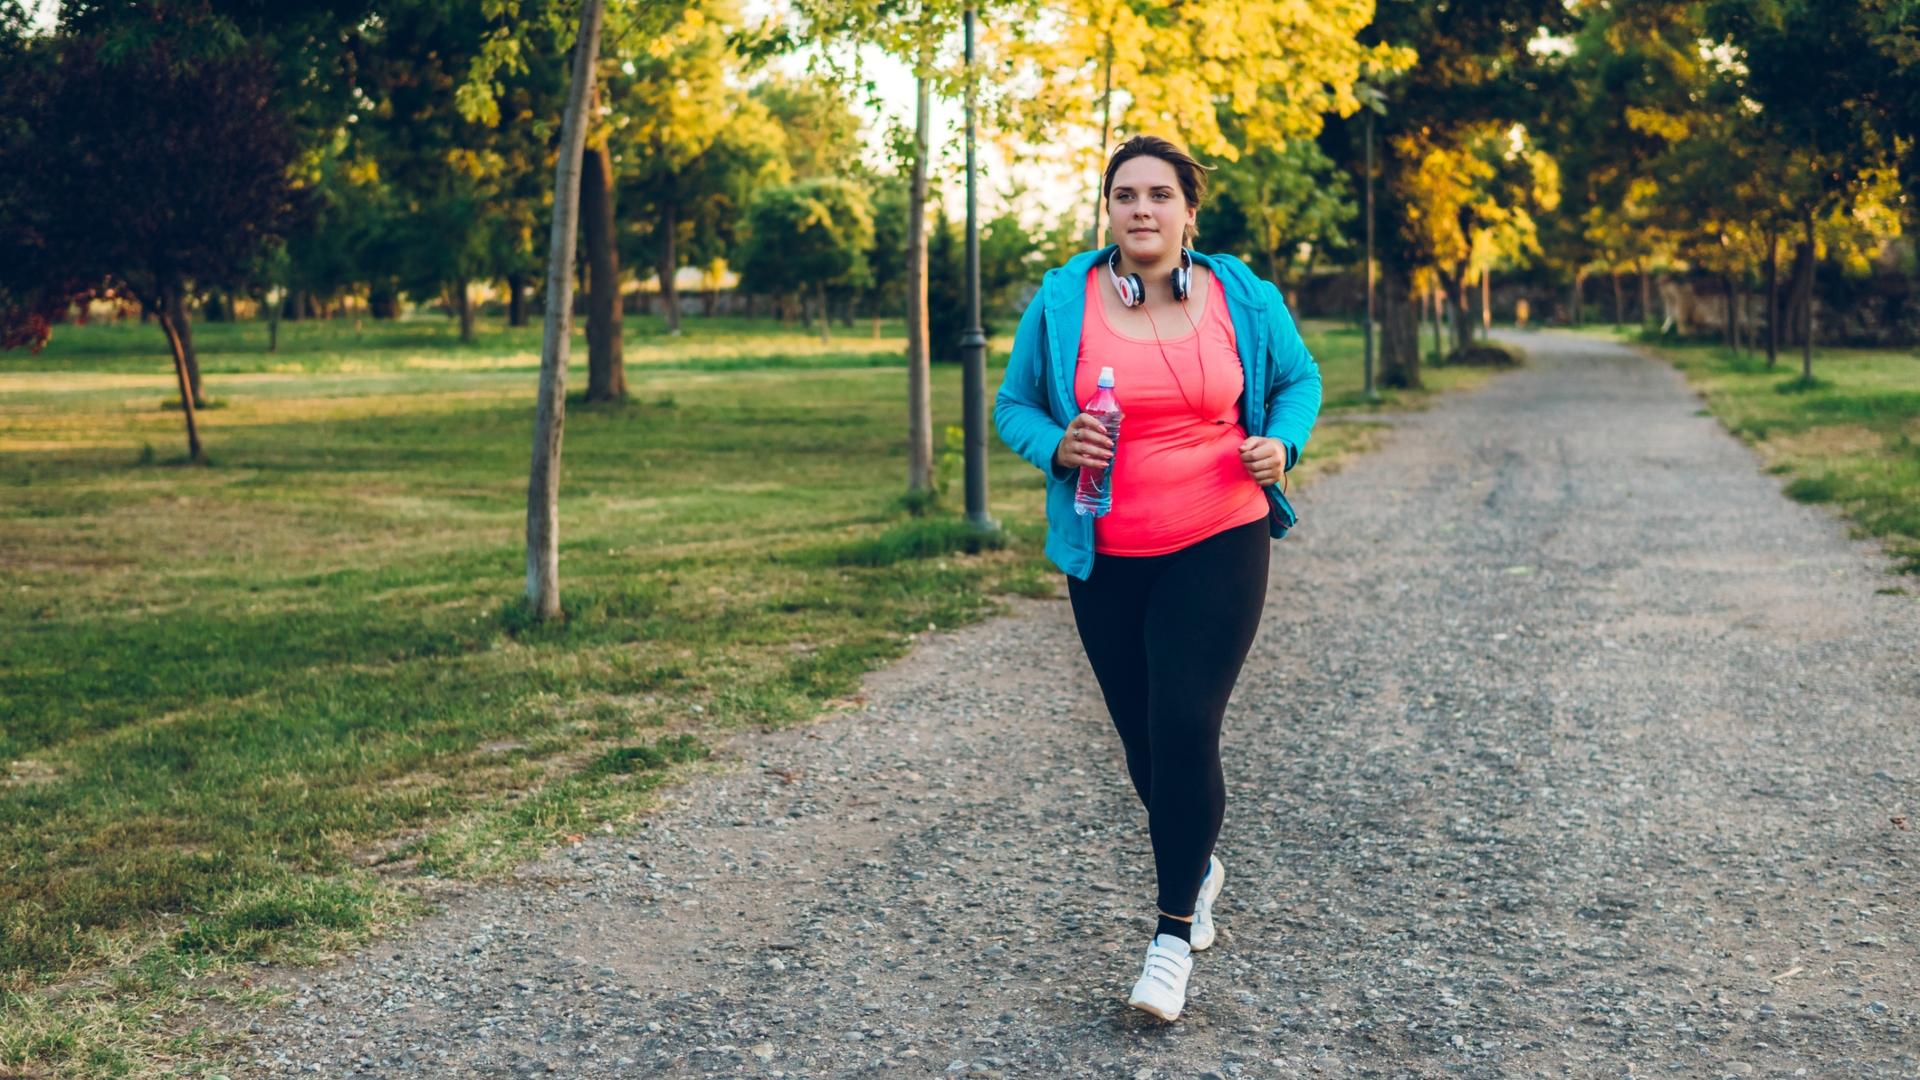 Útmutató a fogyáshoz edzőtermi gyakorlatokkal • Magazin • Sportolj Ma